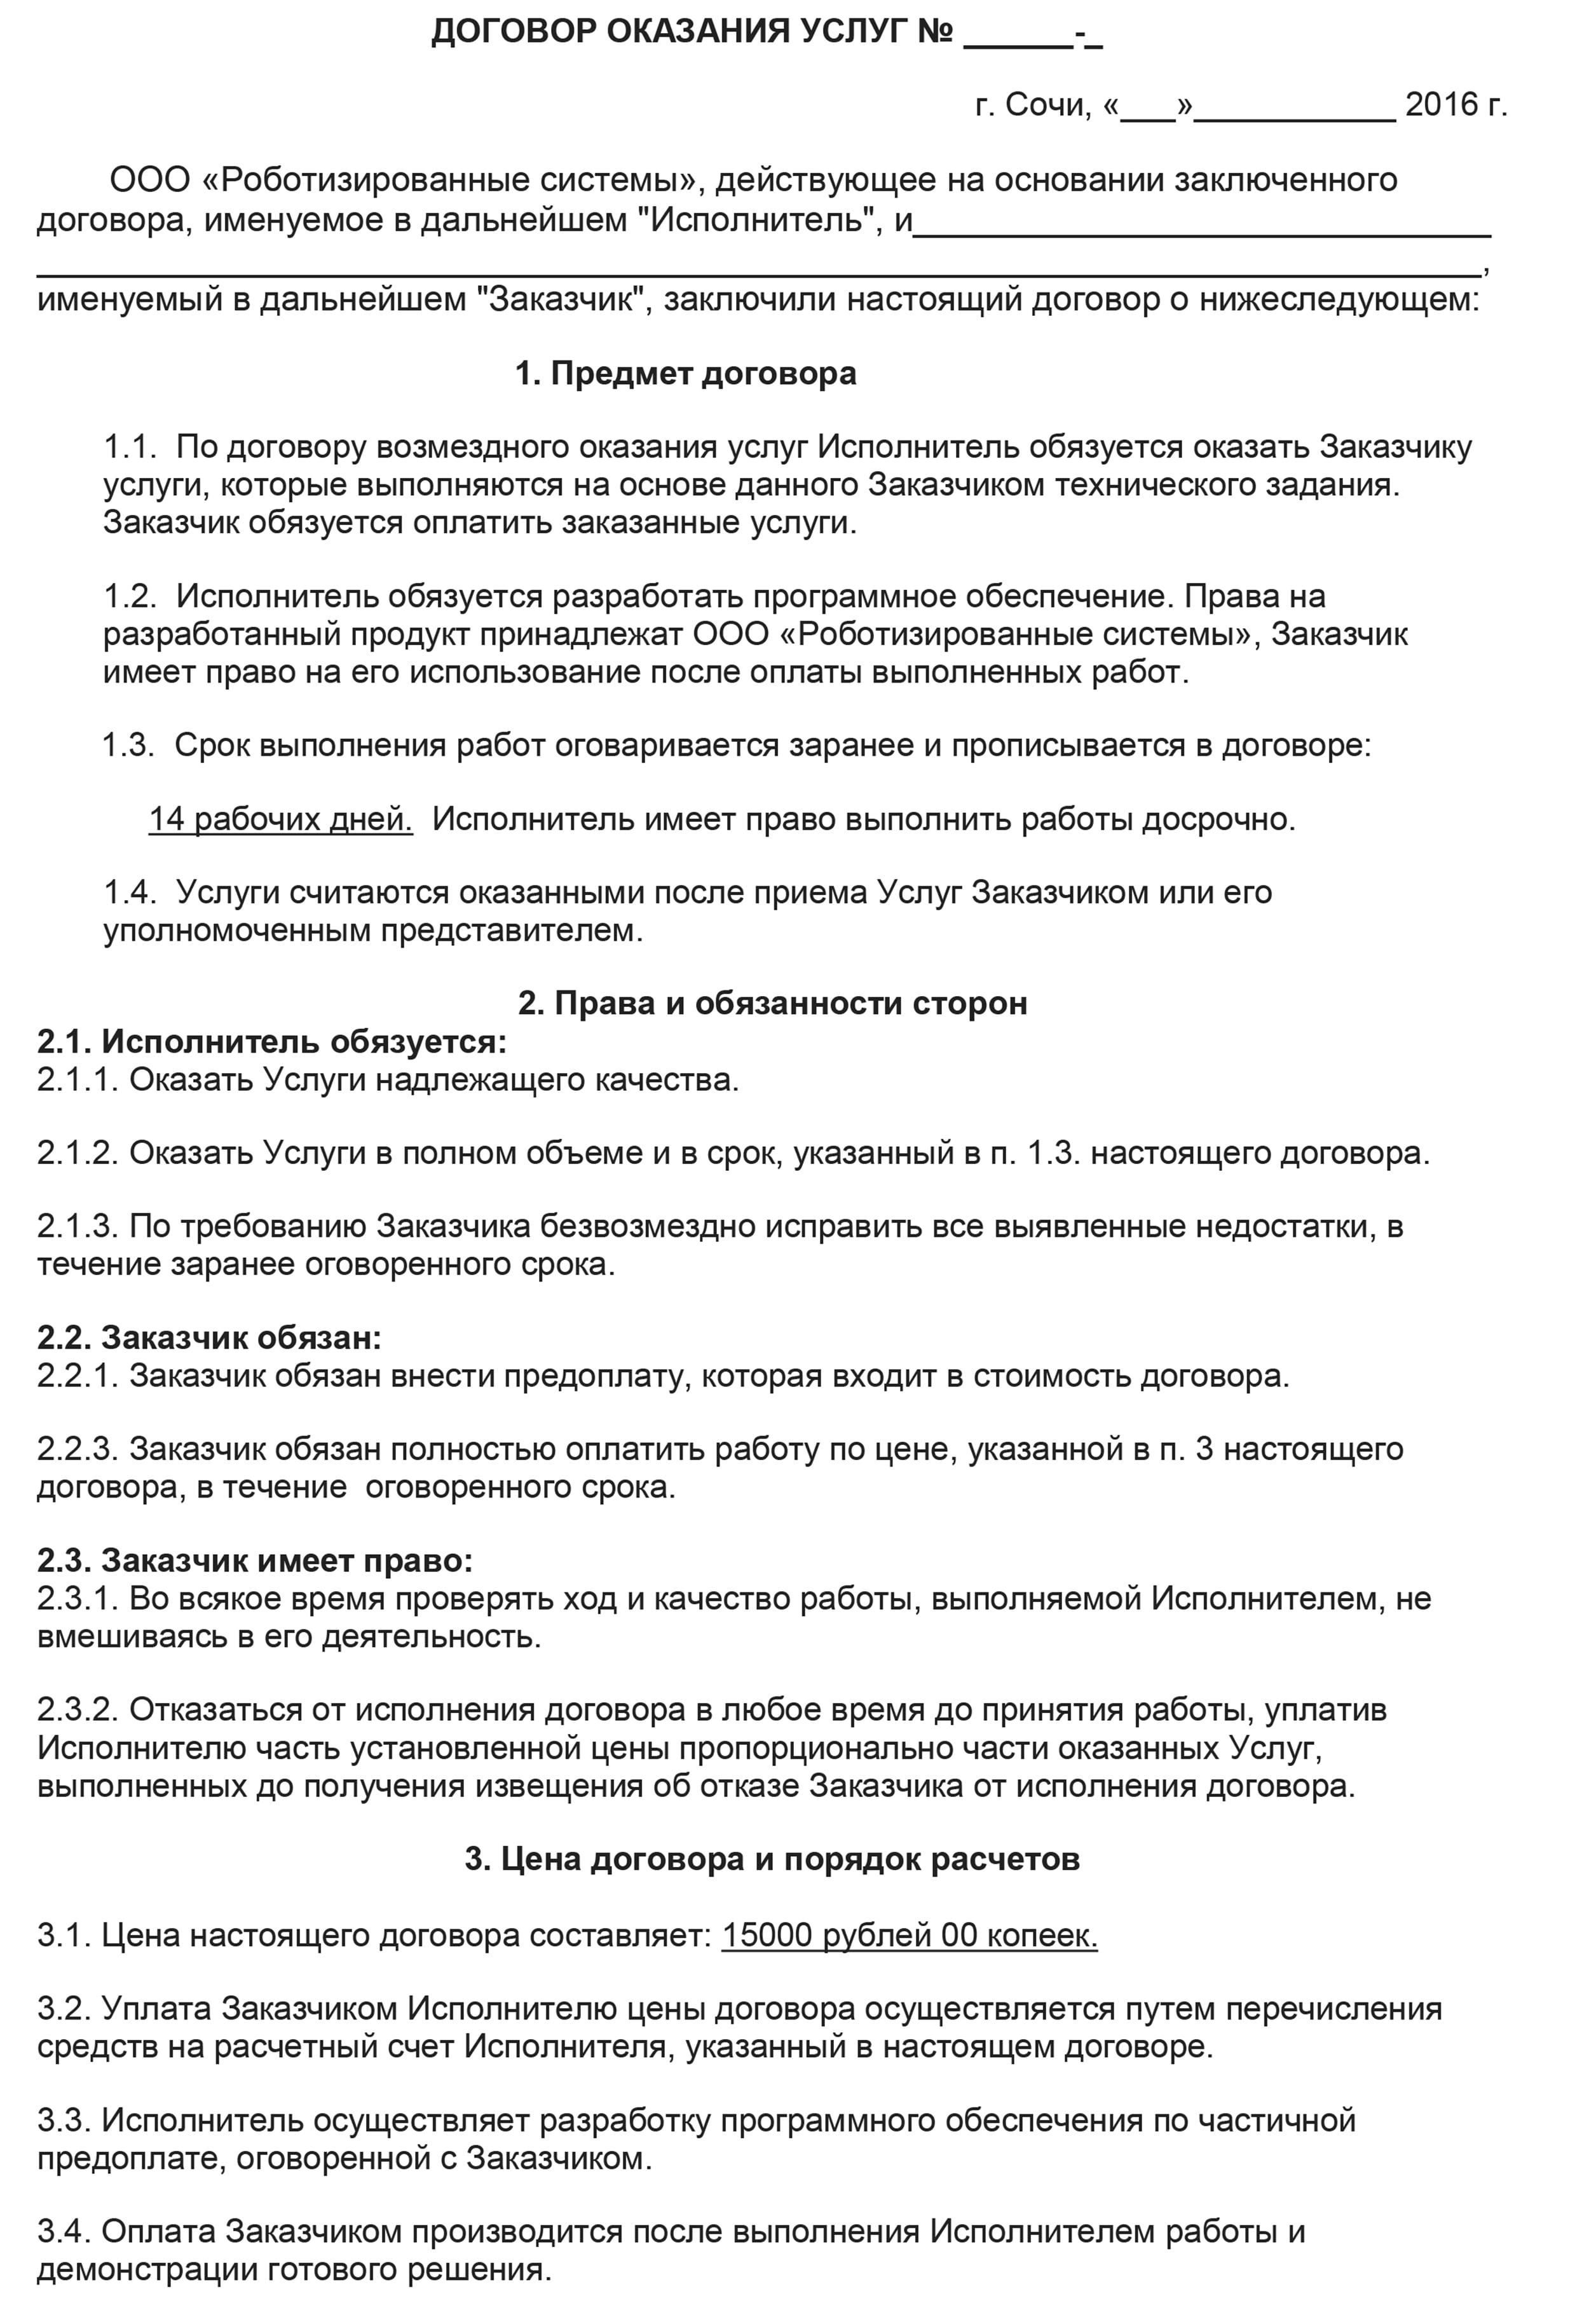 Site- uri de tranzacționare a opțiunilor în limba rusă)